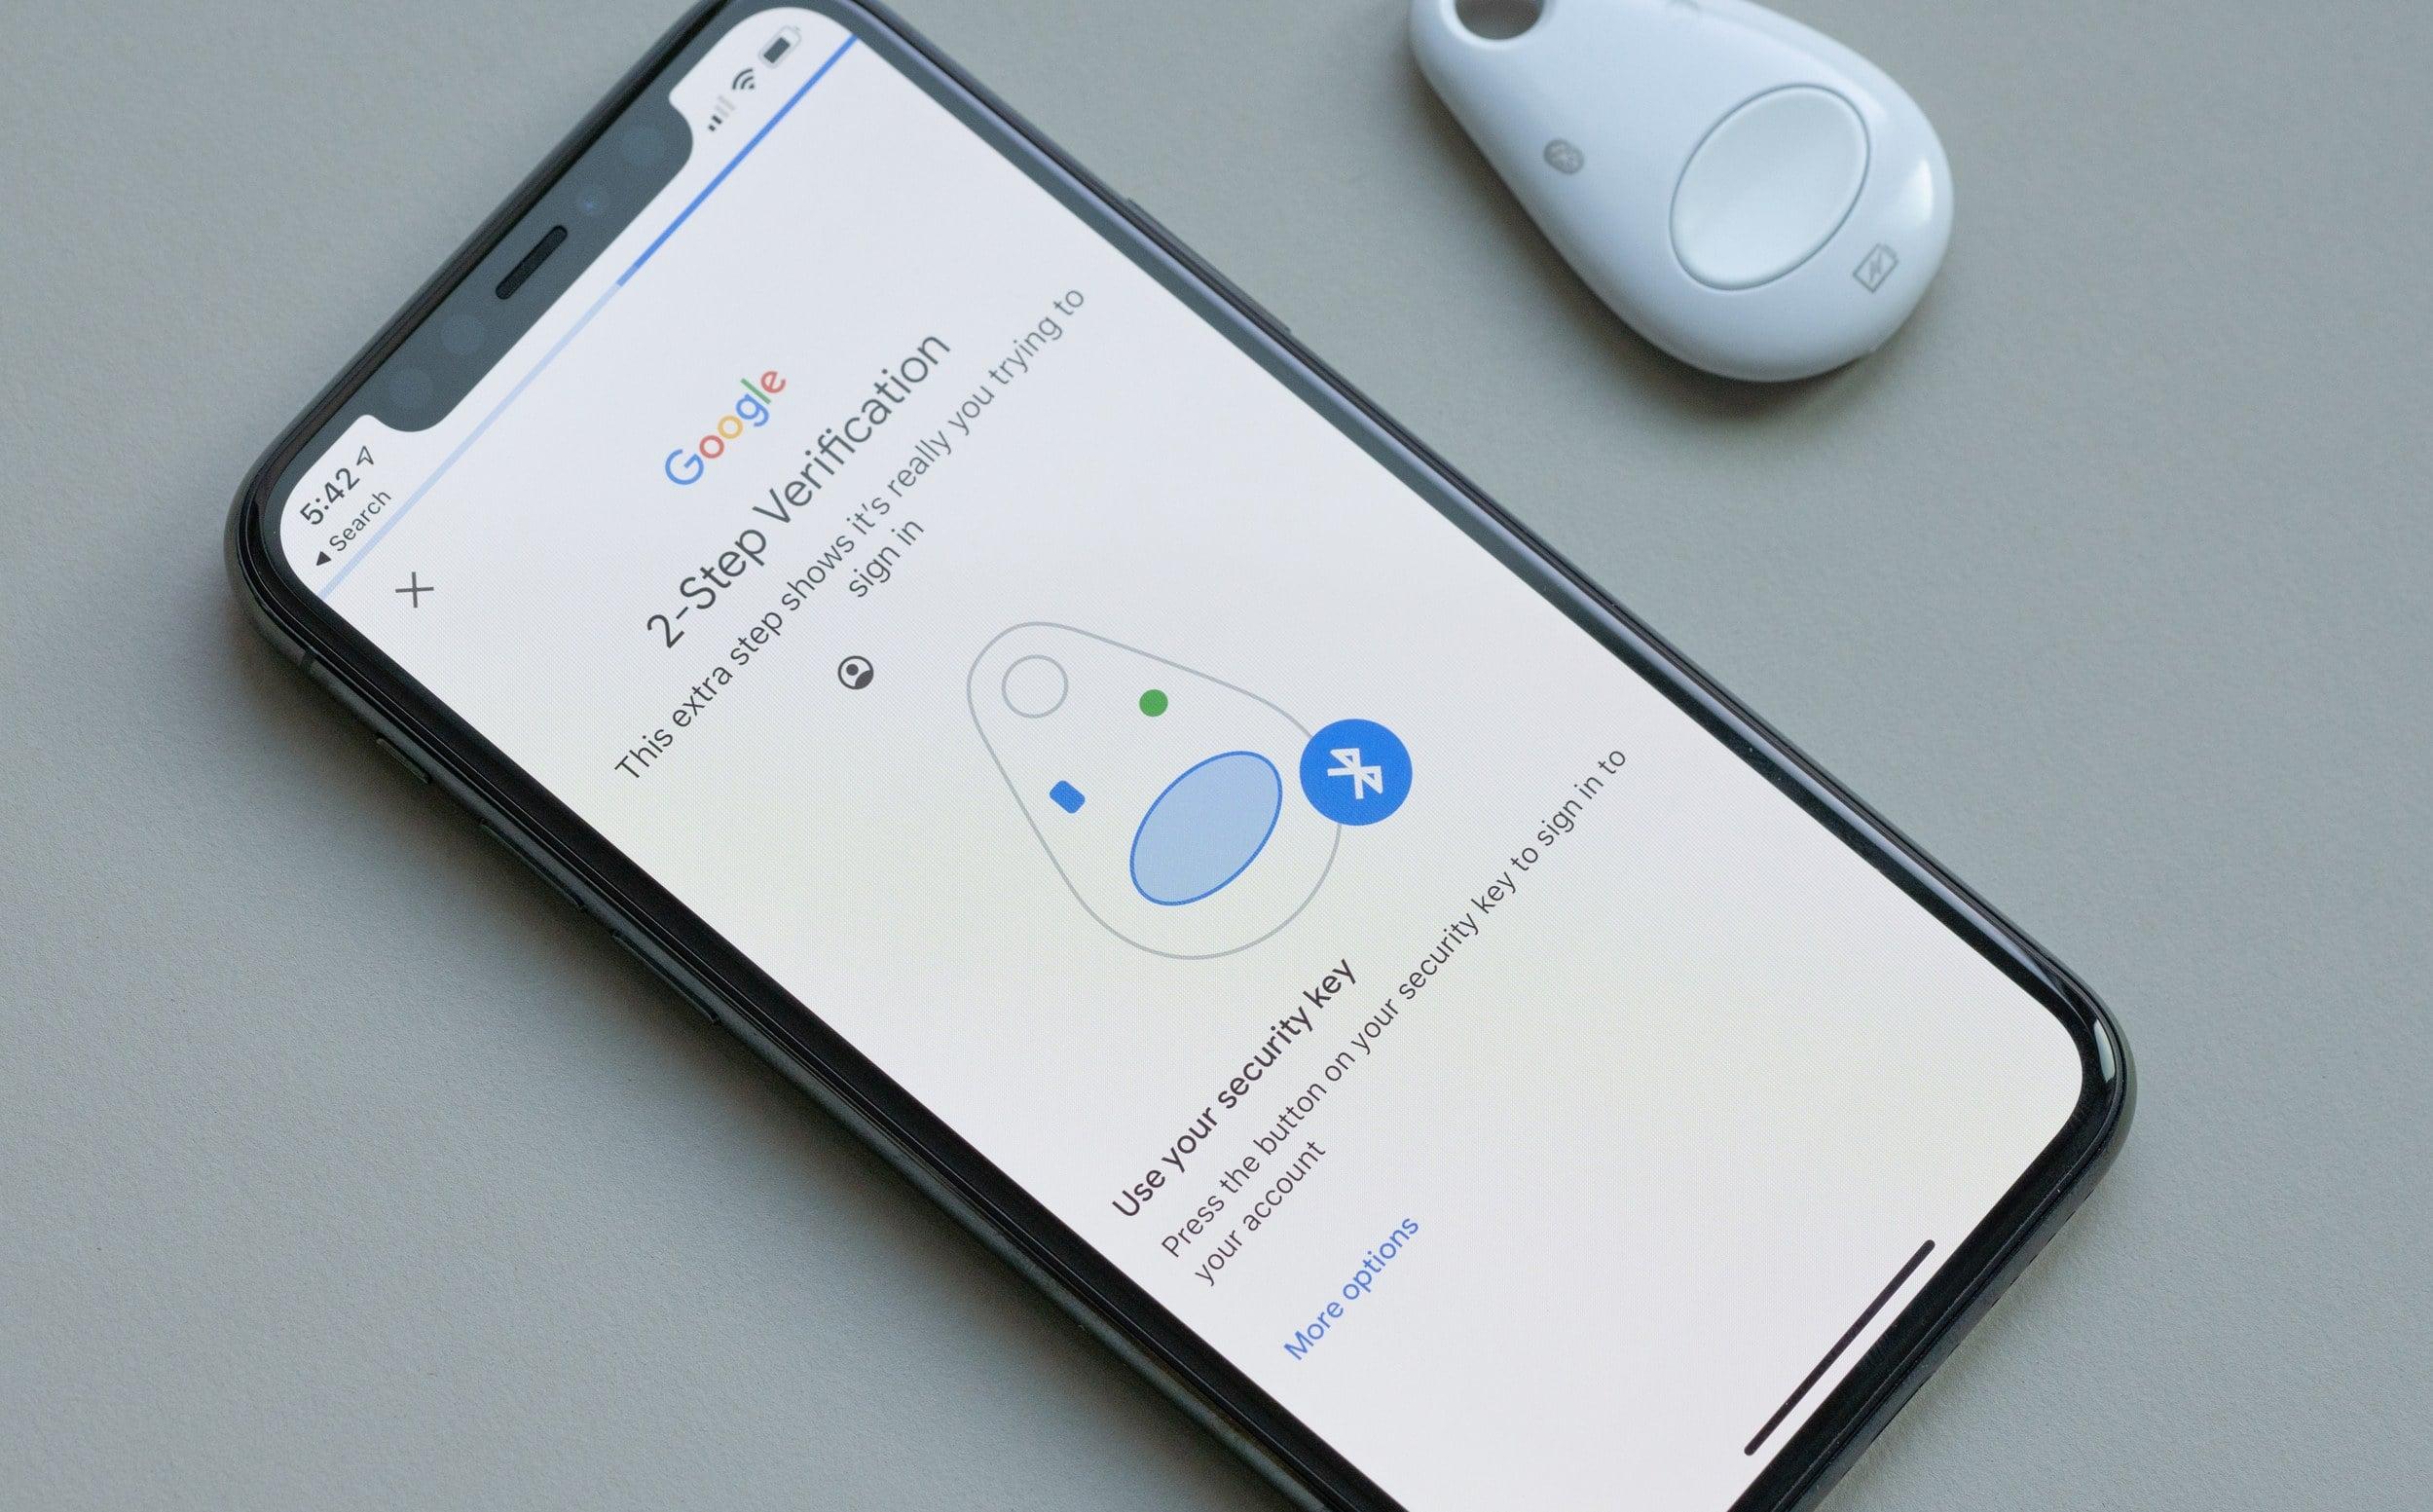 Autenticação de dois fatores do Google no iPhone